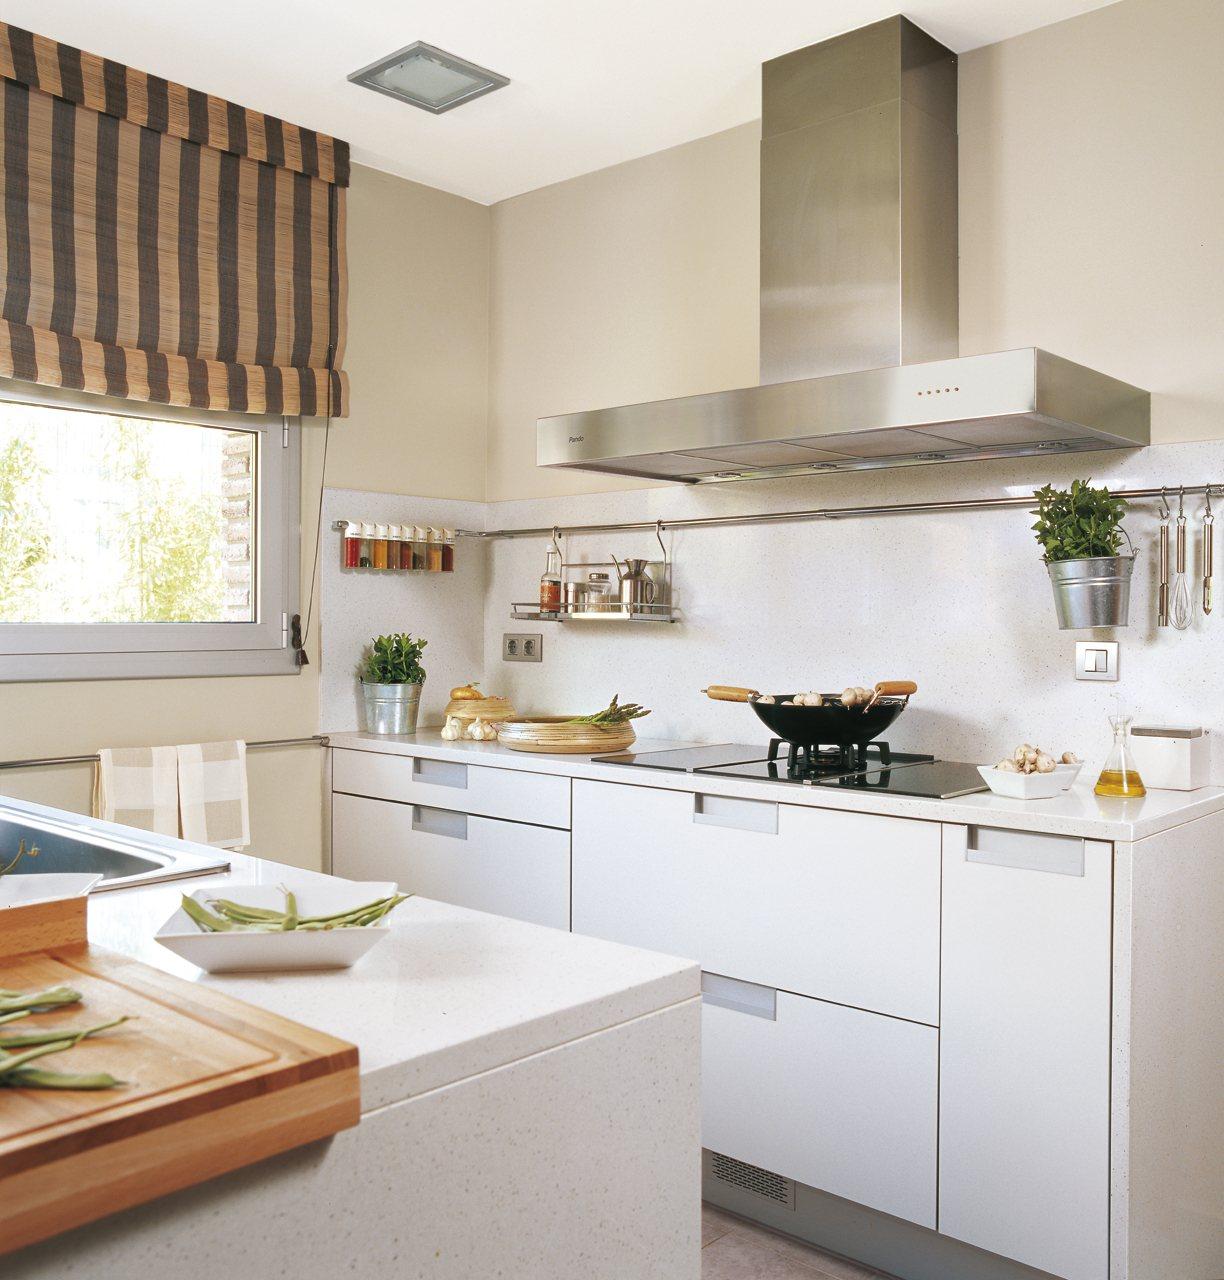 Renovar la cocina sin obras - Cambiar puertas muebles cocina ...